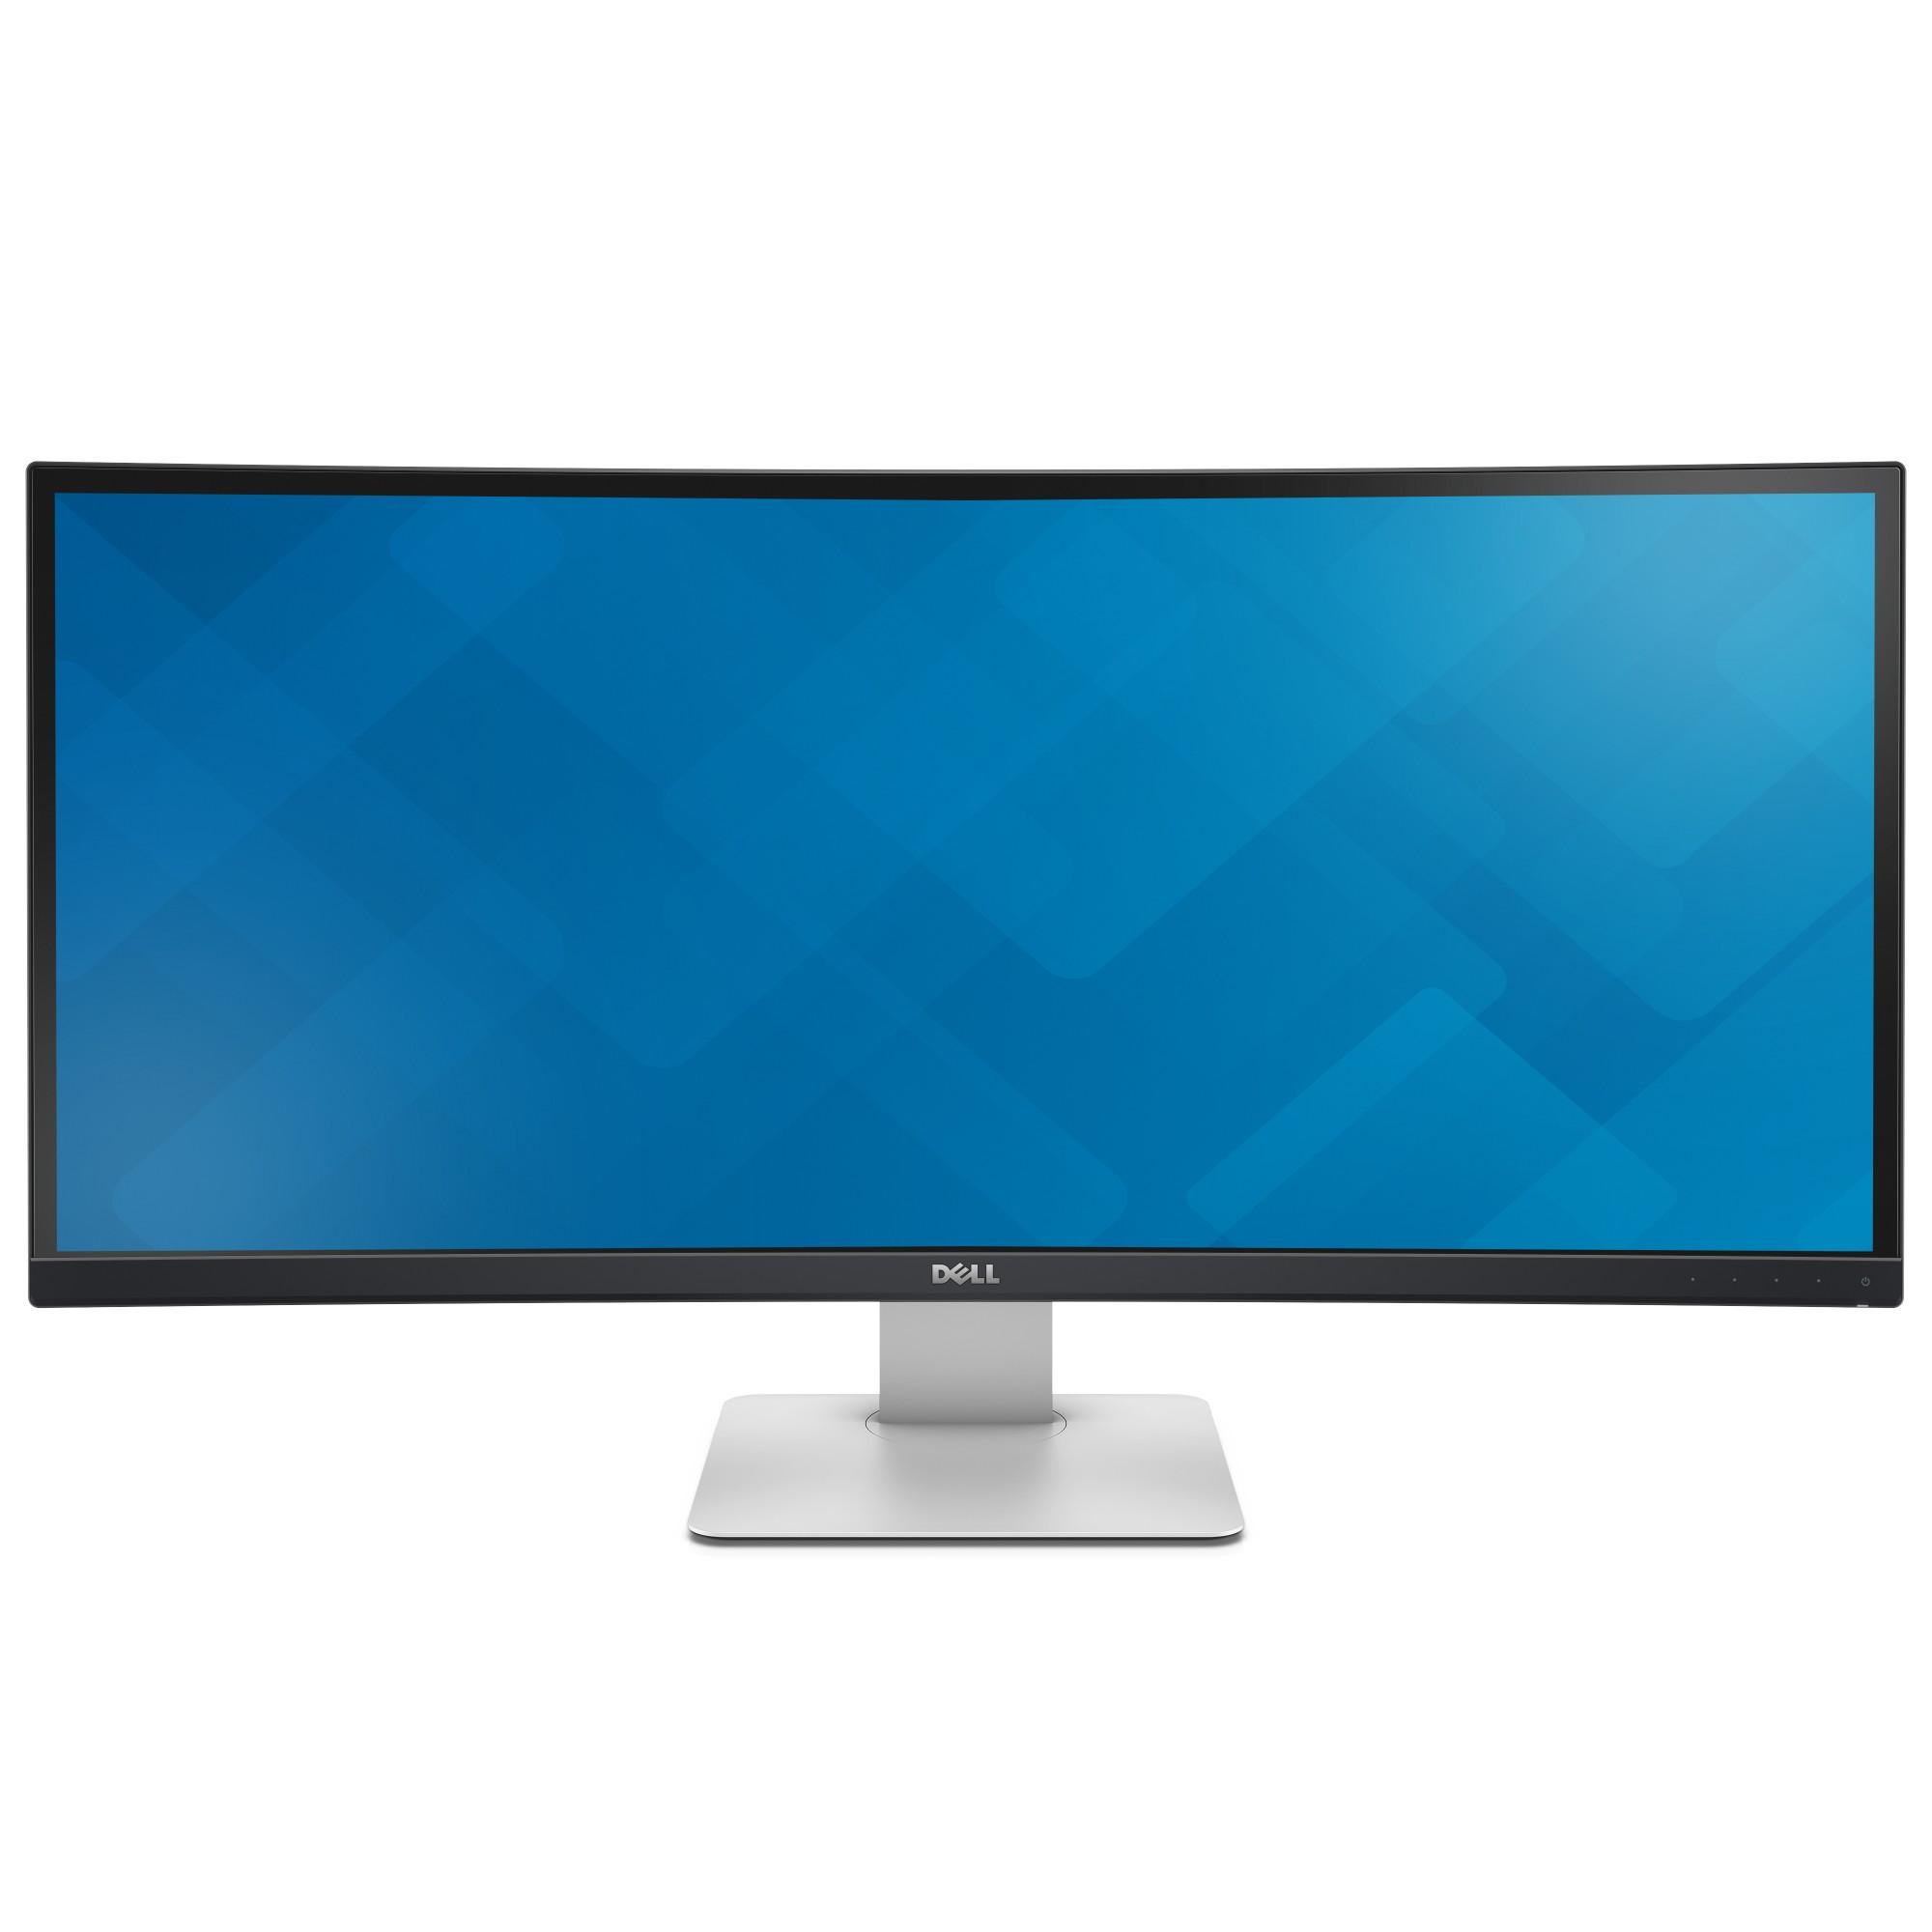 """DELL UltraSharp U3415W computer monitor 86.4 cm (34"""") 3440 x 1440 pixels WQHD LCD Curved Black"""